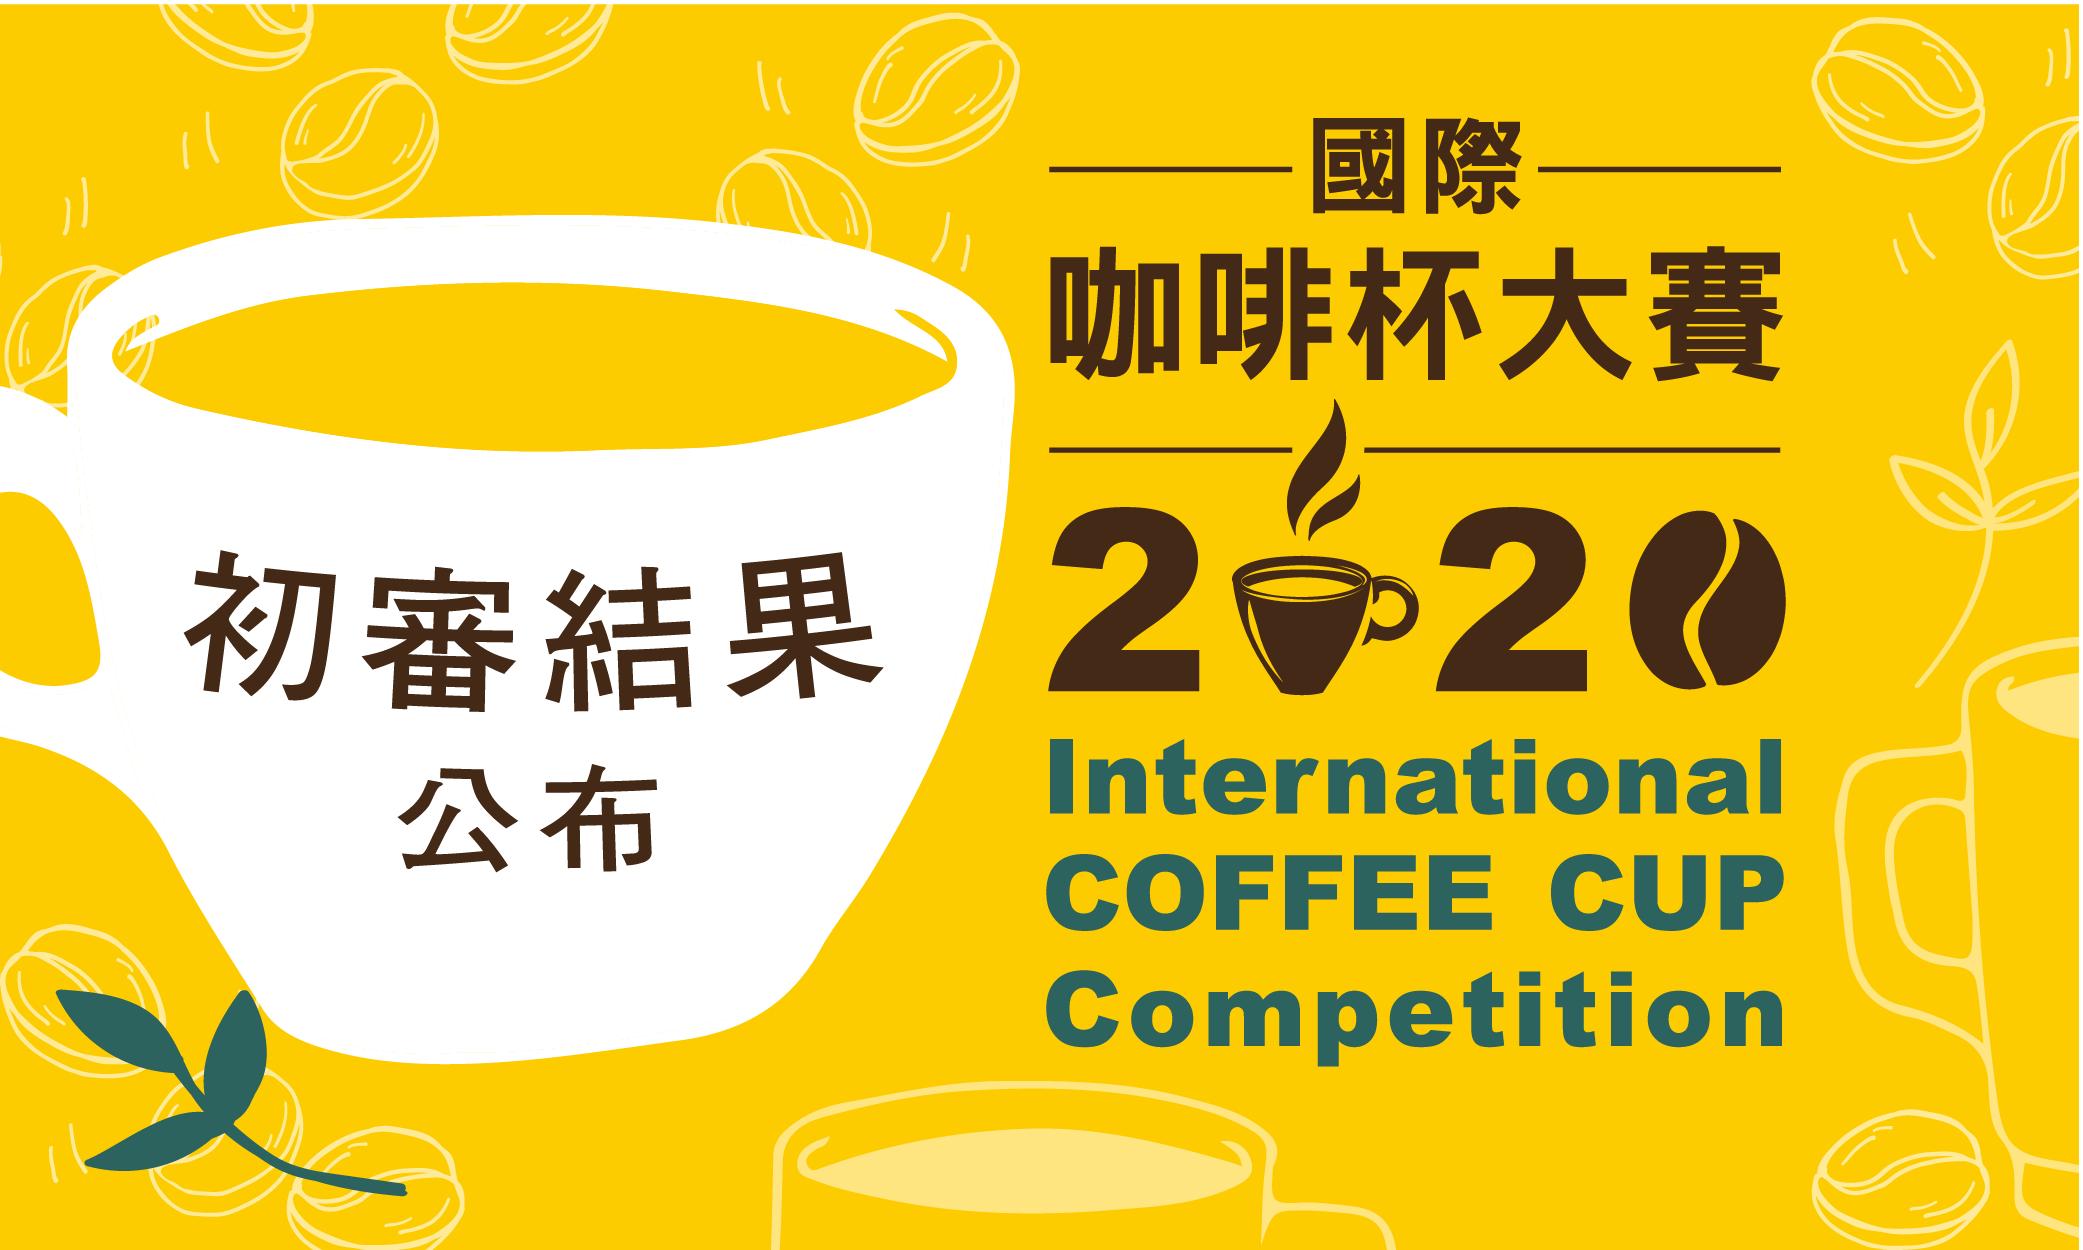 2020國際咖啡杯大賽初審結果